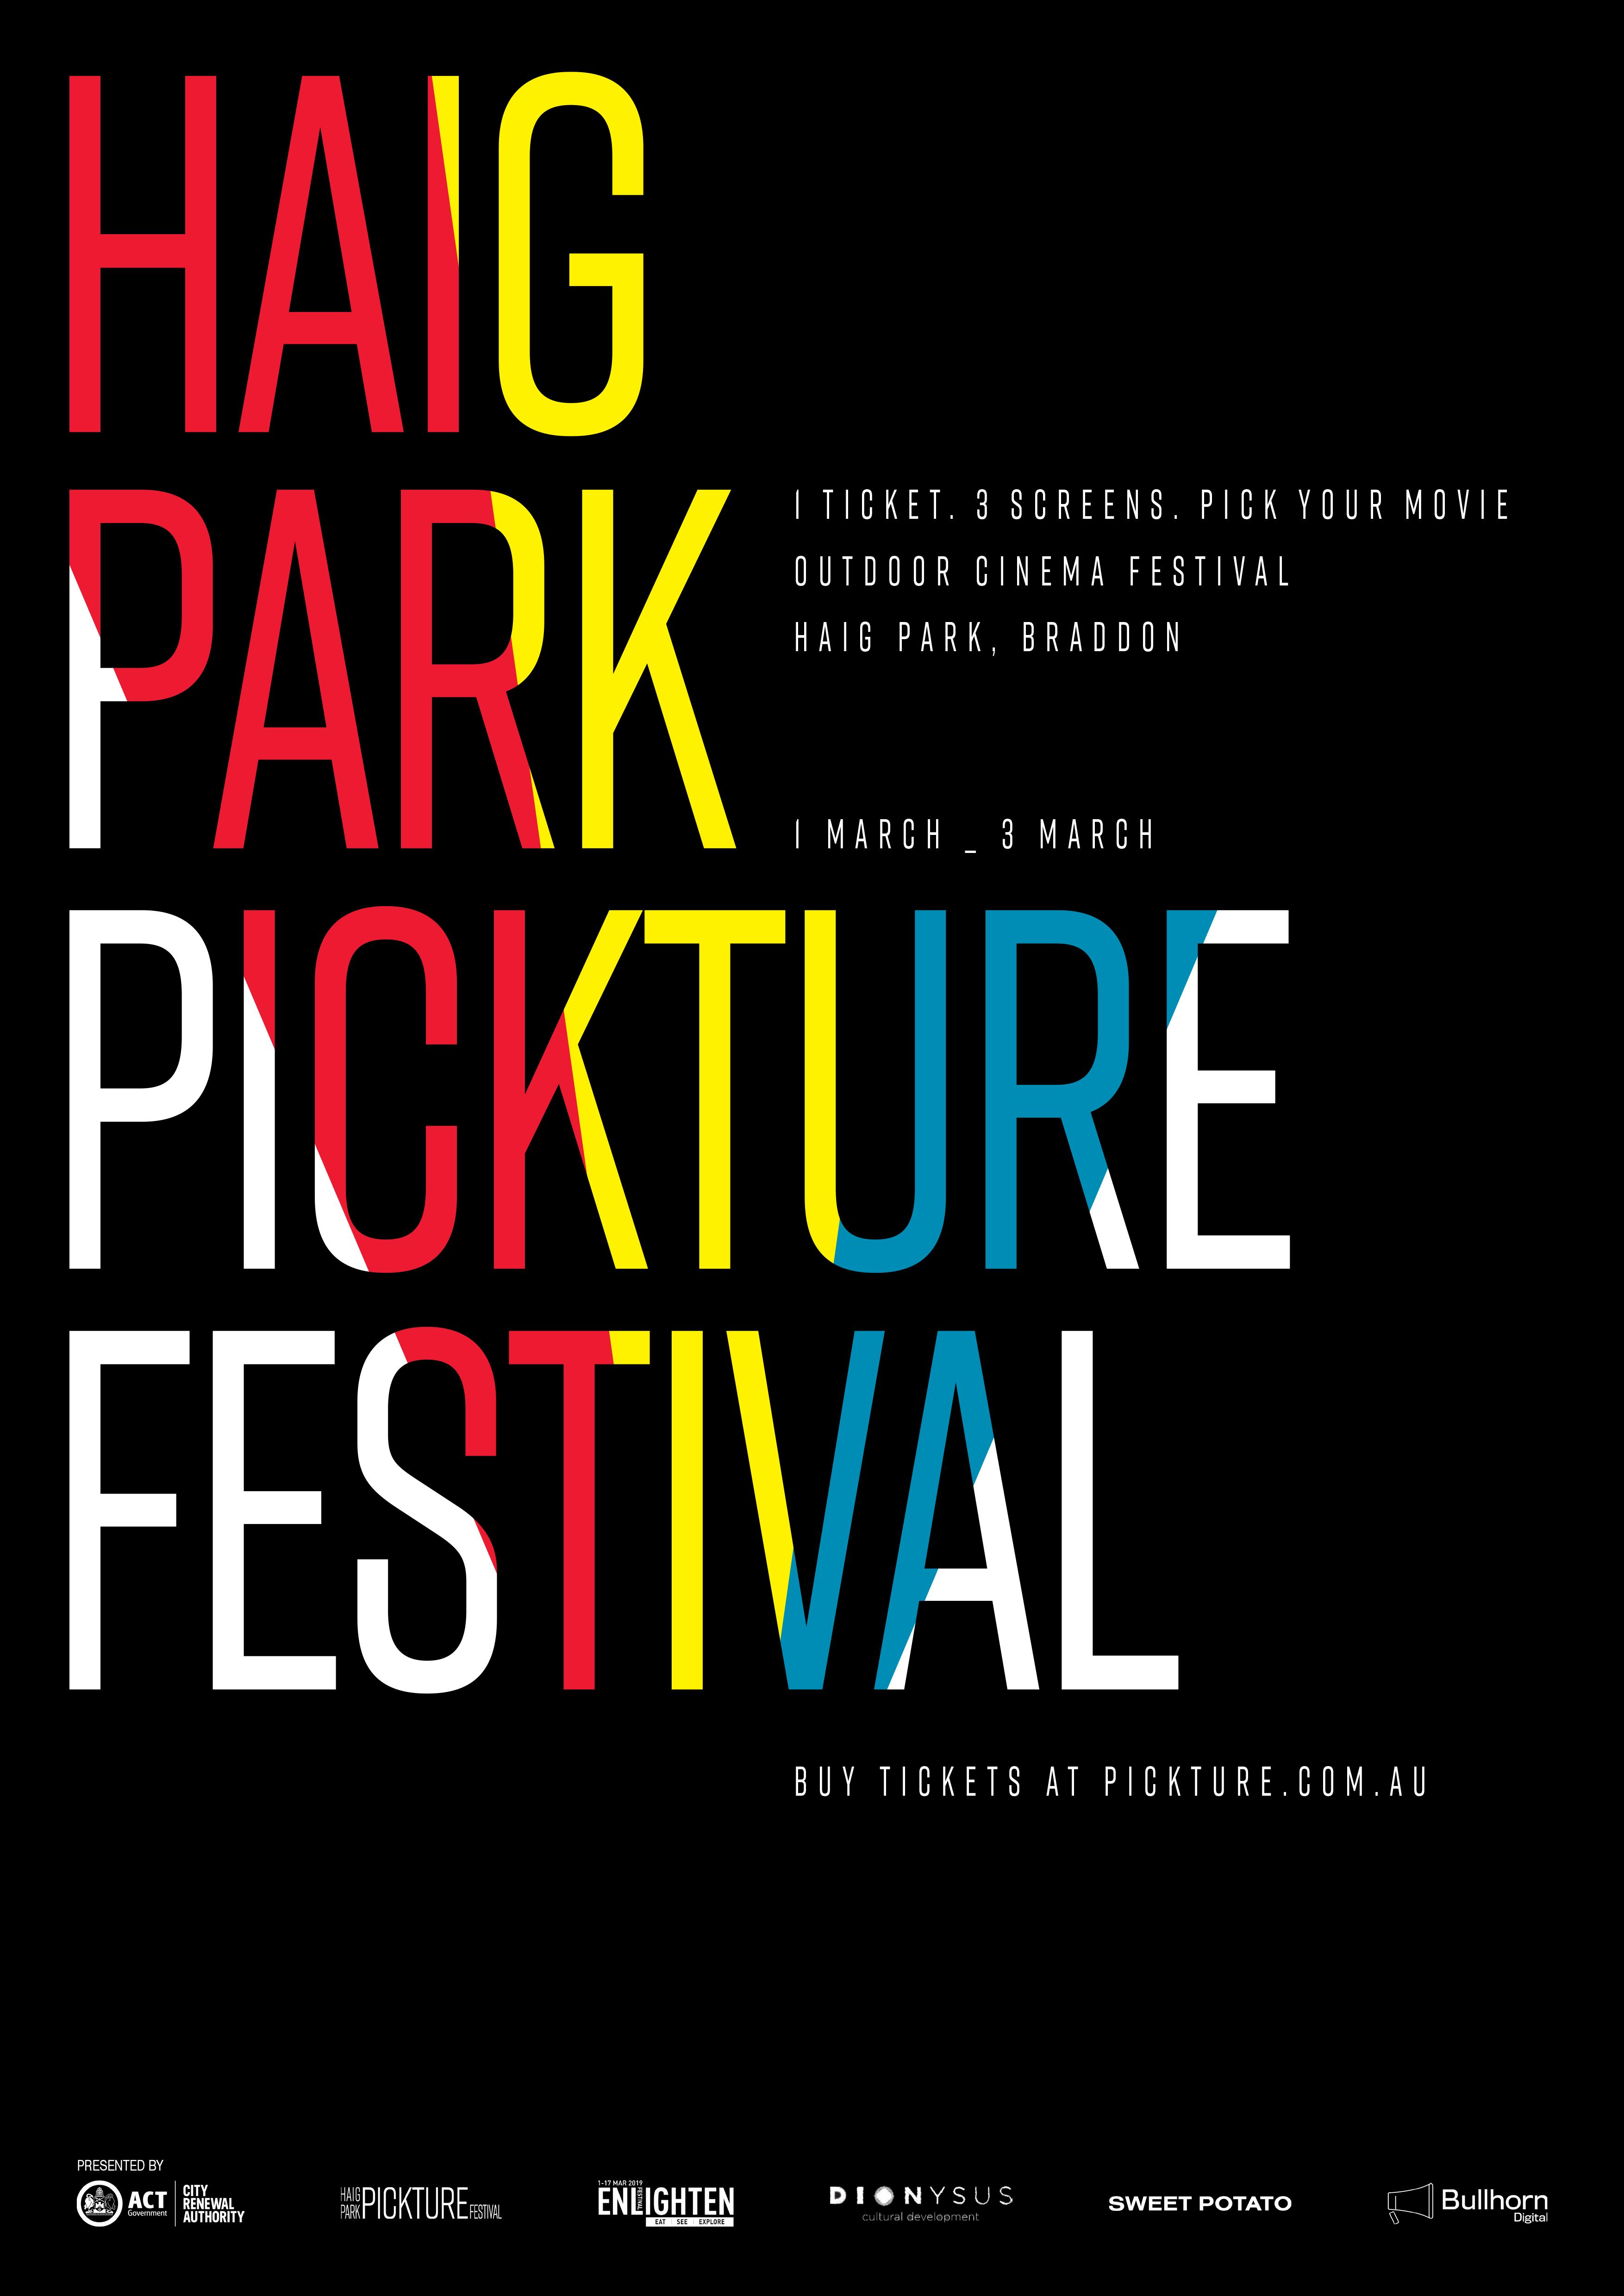 haig park festival poster